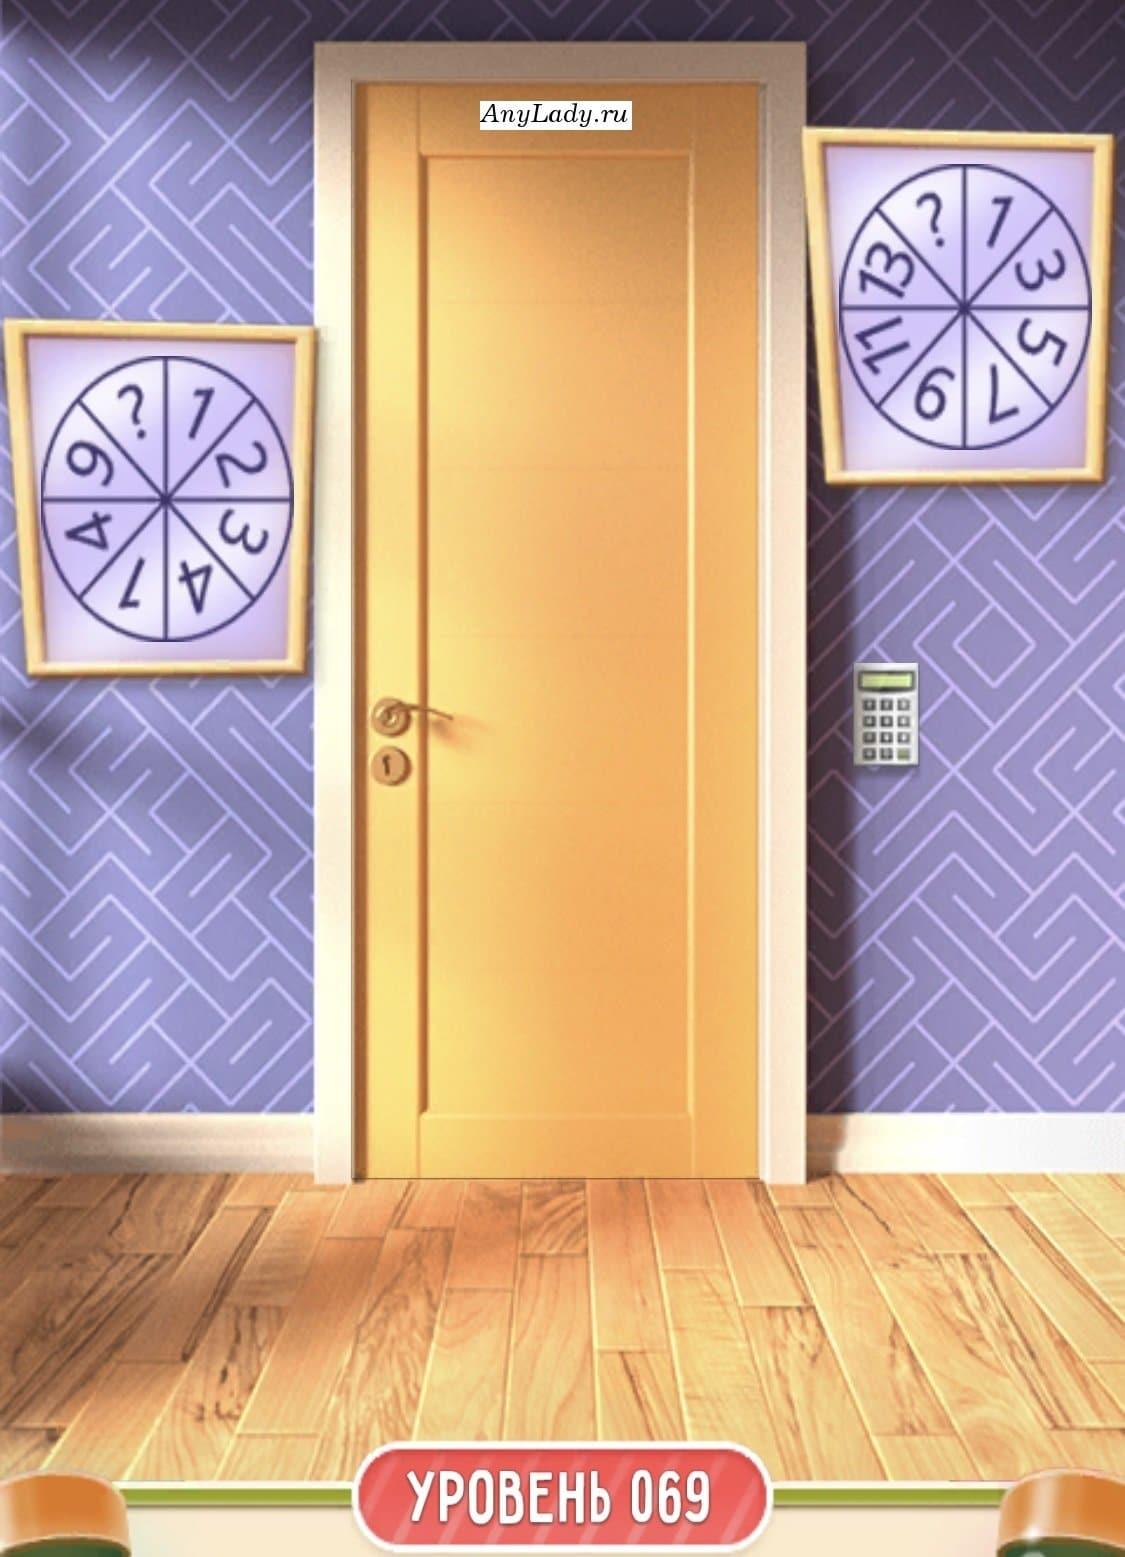 По обе стороны от двери висят цифры в которых загадан код для замка. Левая сторона:   Начиная с одного умножаем цифры сами на себя, получается: один умноженный на один равно одному; два умноженная на себя - четыре; тройка на тройку ровно девять; четыре на себя ровняется шестнадцати.   Ответ: 16 (Шестнадцать)